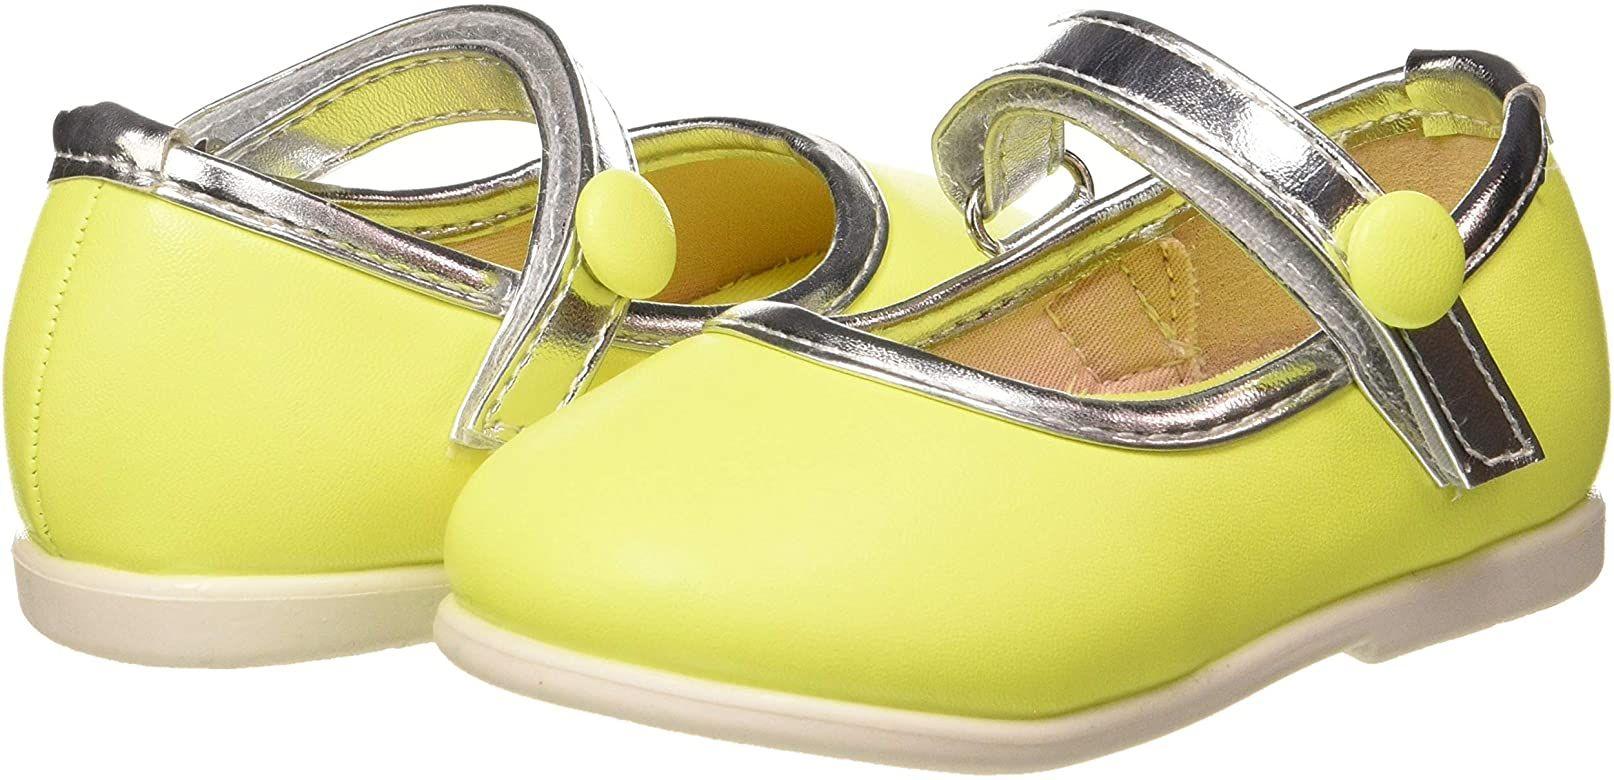 TALLA 20 - BEPPI Baby, Zapatos bebé